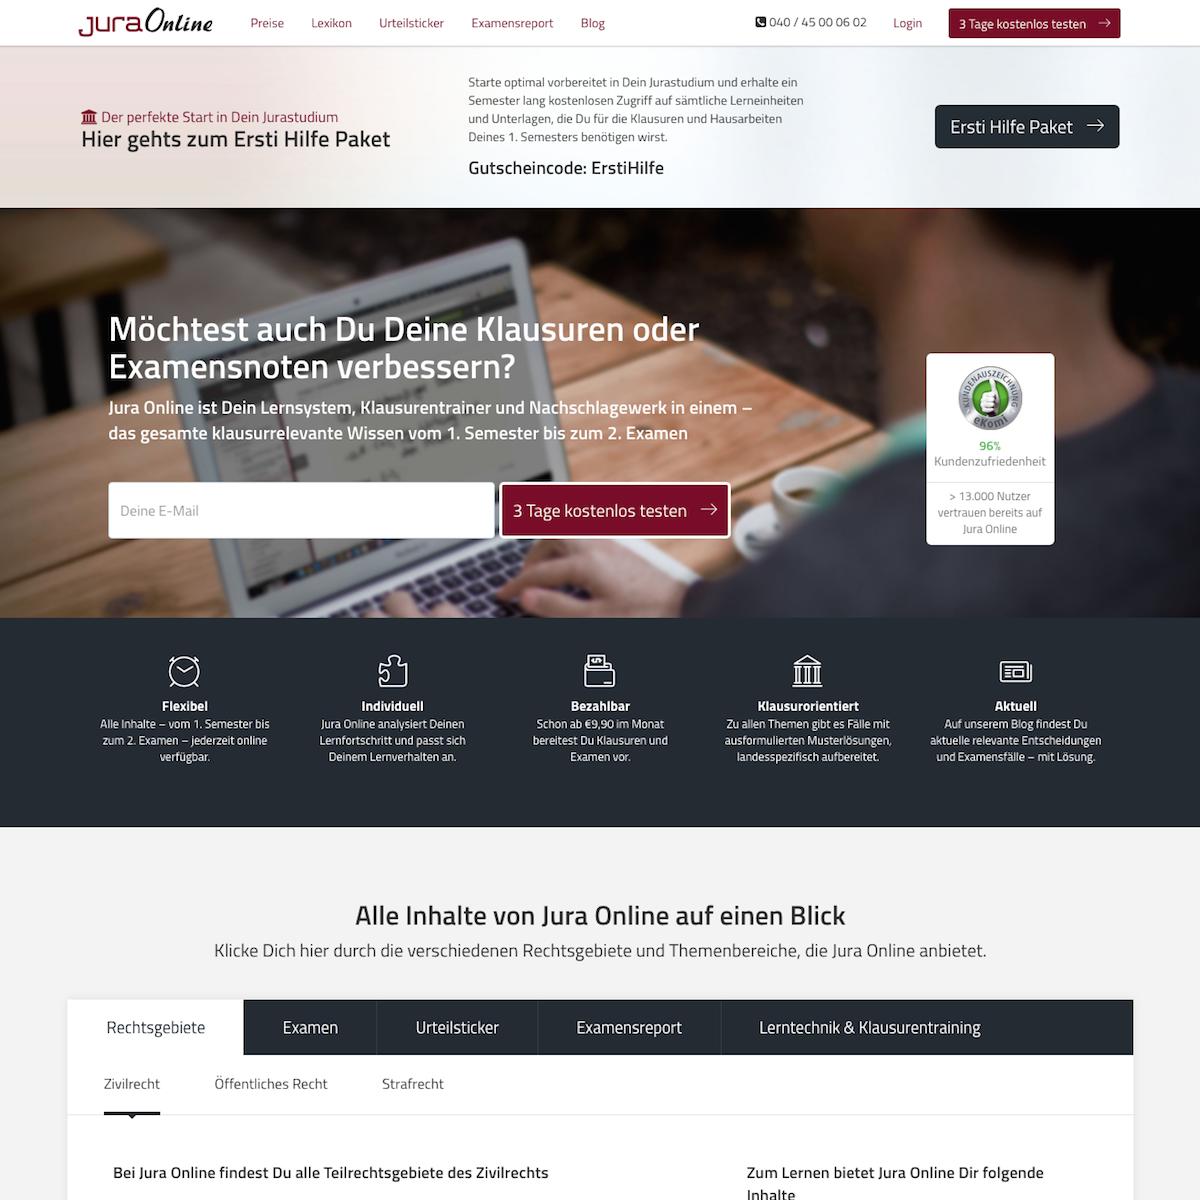 Jura Online